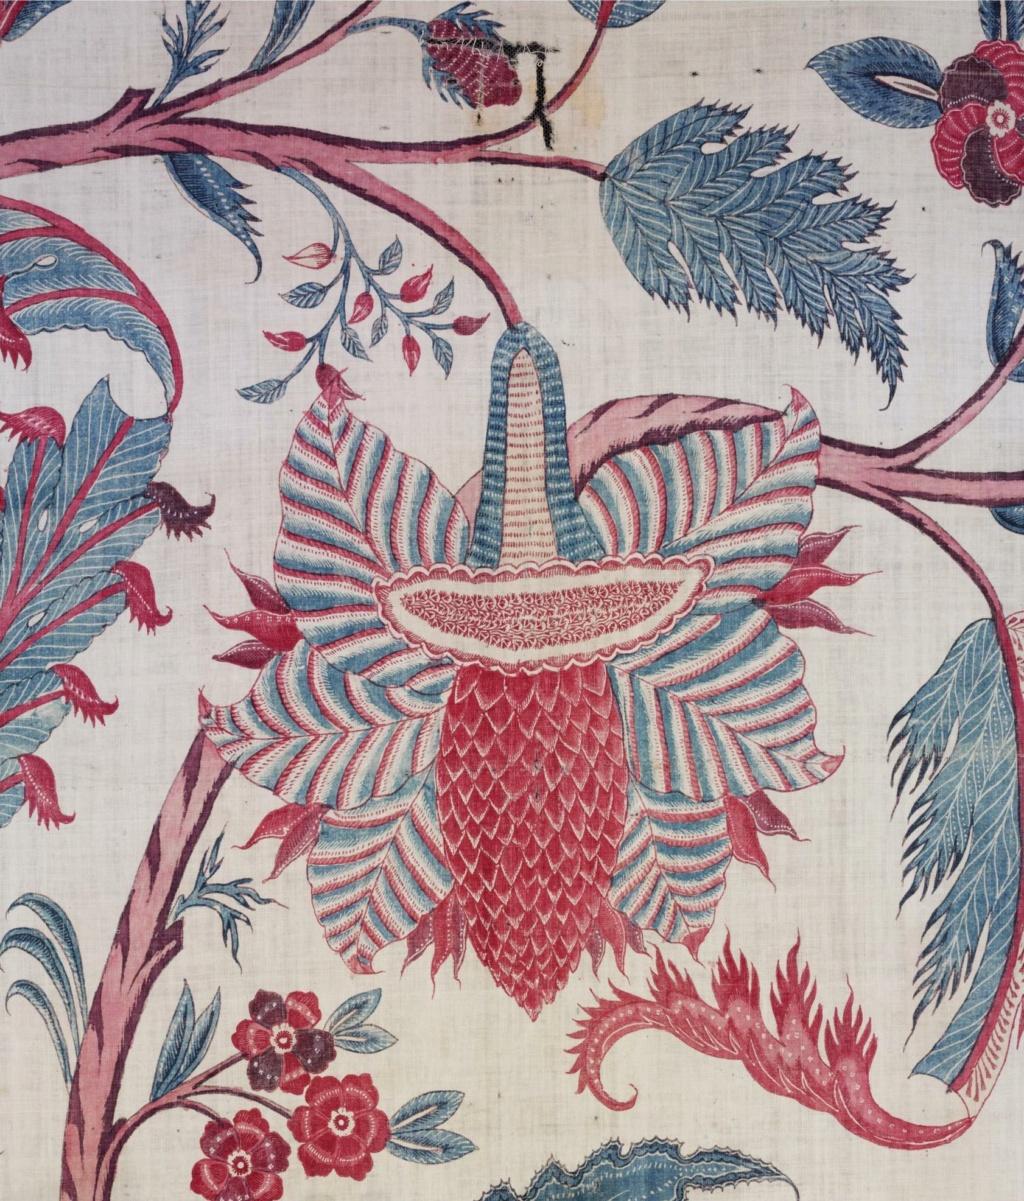 Manteau d'intérieur et robe de chambre pour les hommes au XVIIIe siècle - Page 2 2007bn10